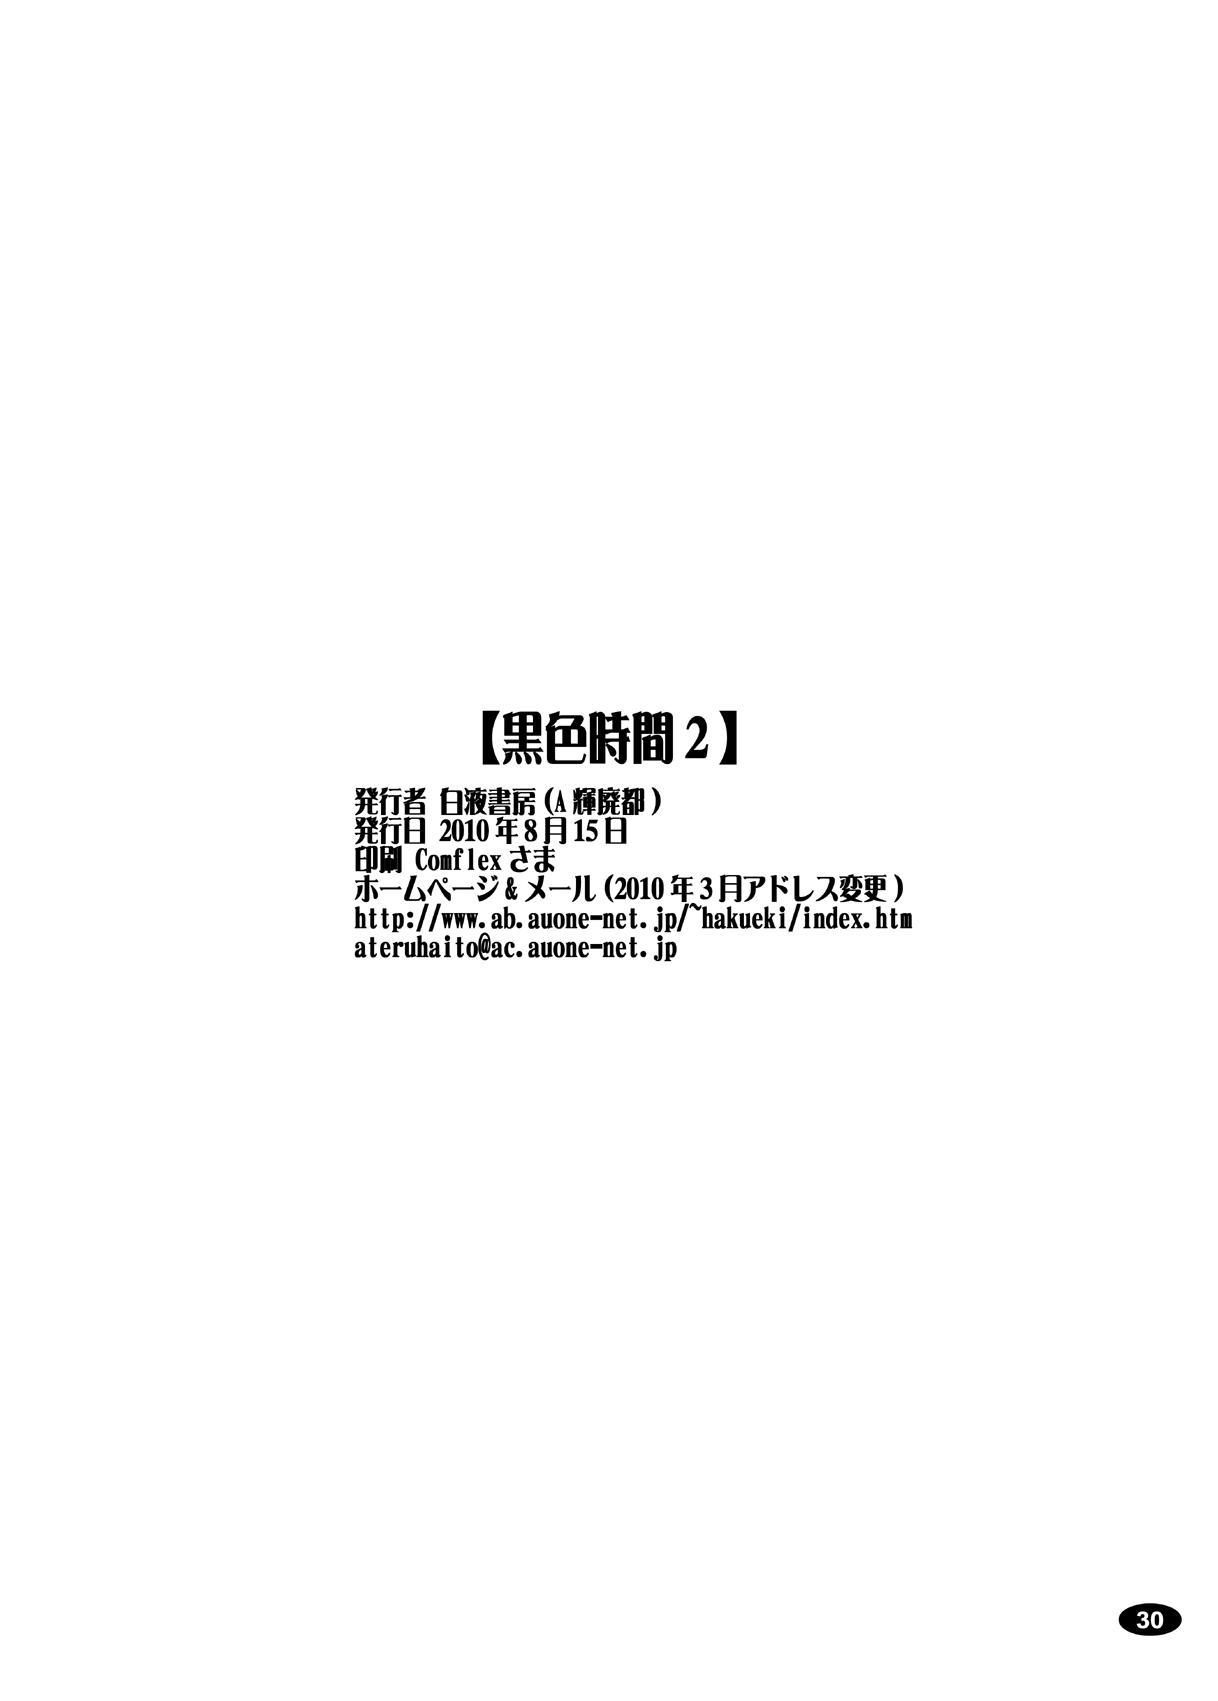 Kuroiro Jikan - Black Time 2 28